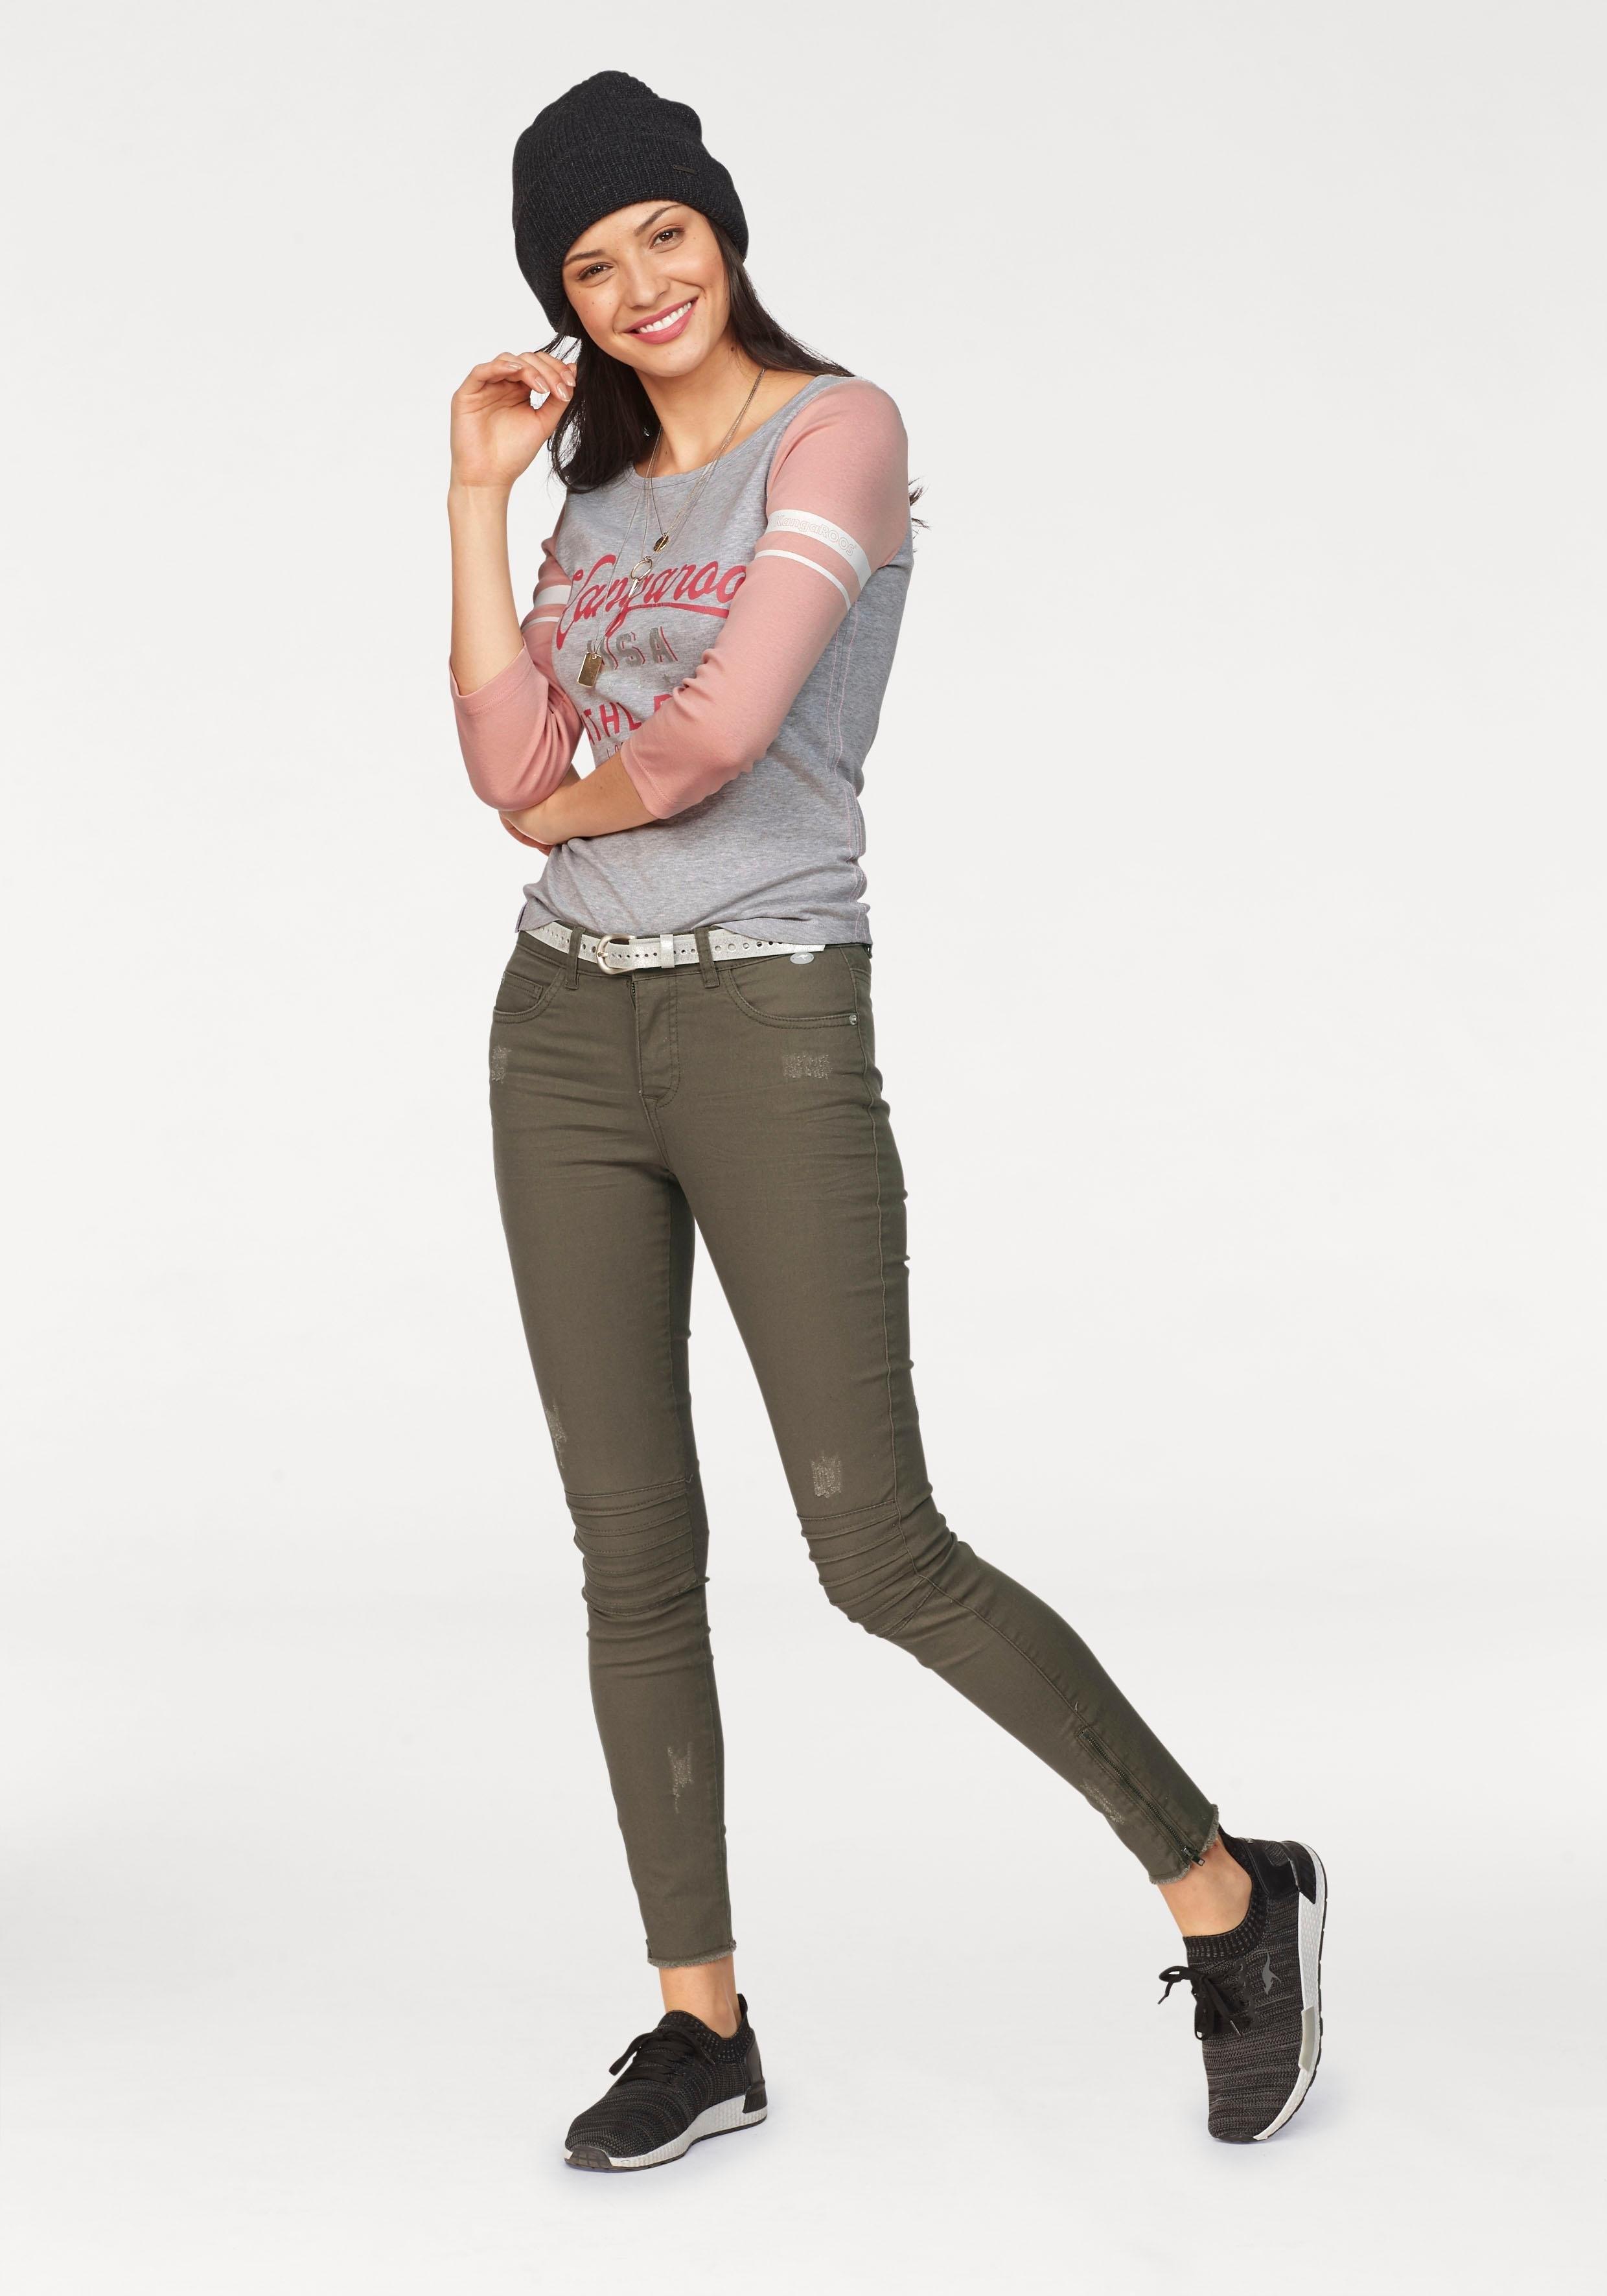 Kangaroos Online Shop Shirt Driekwartmouwen Met 2WDHYE9I